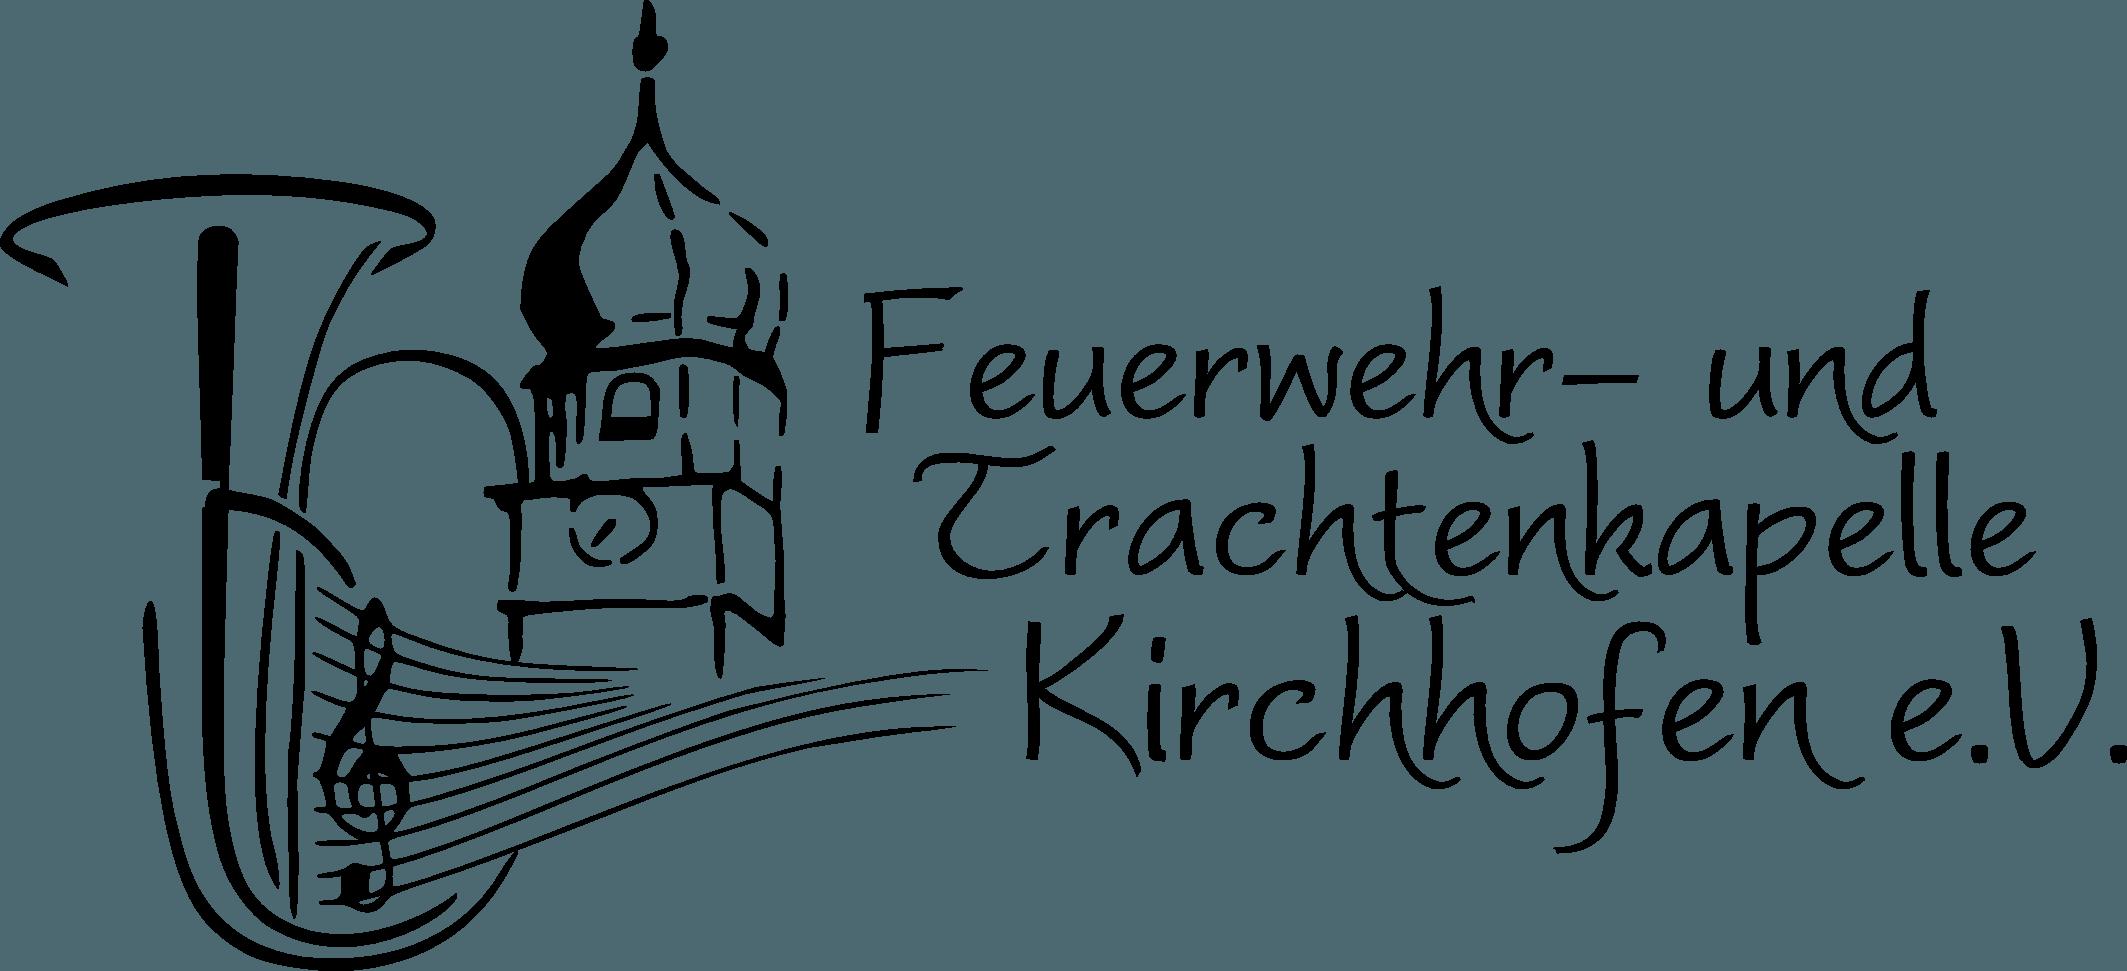 Feuerwehr- und Trachtenkapelle Kirchhofen e.V.